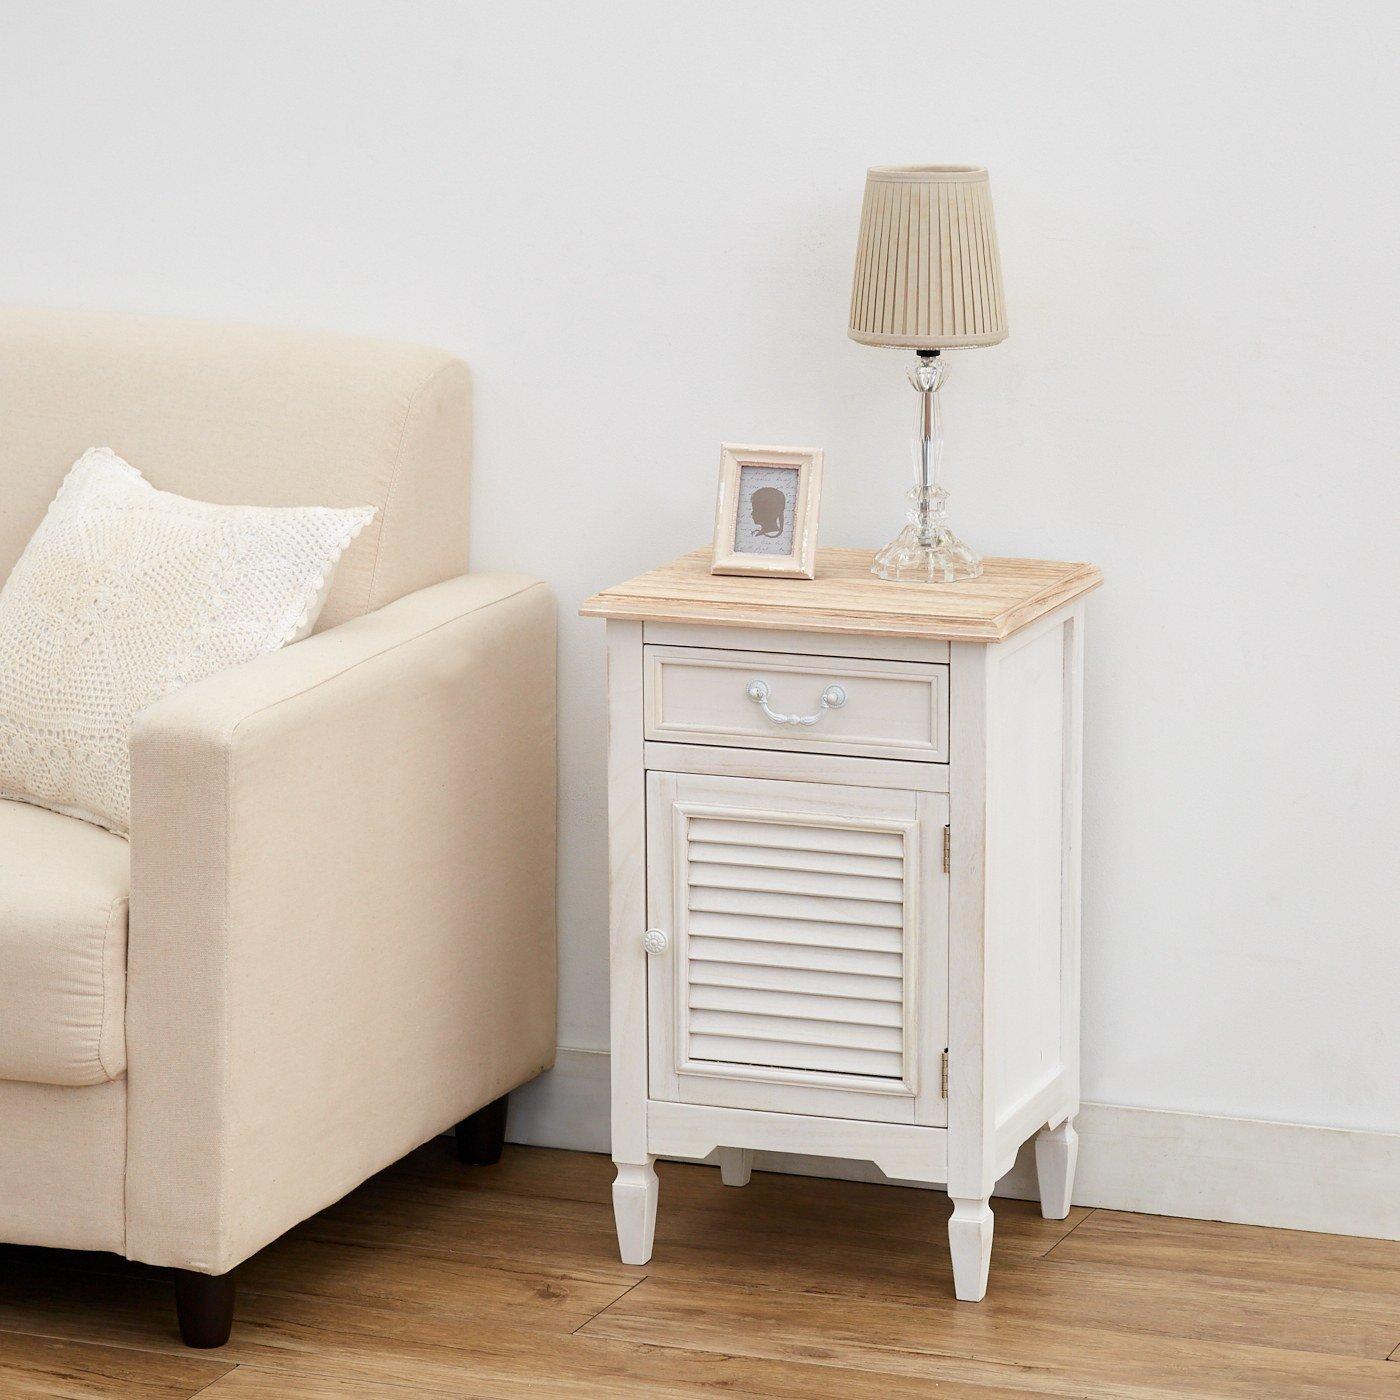 私らしい心地のいい家具 上品サイドチェスト〈ナチュラル〉